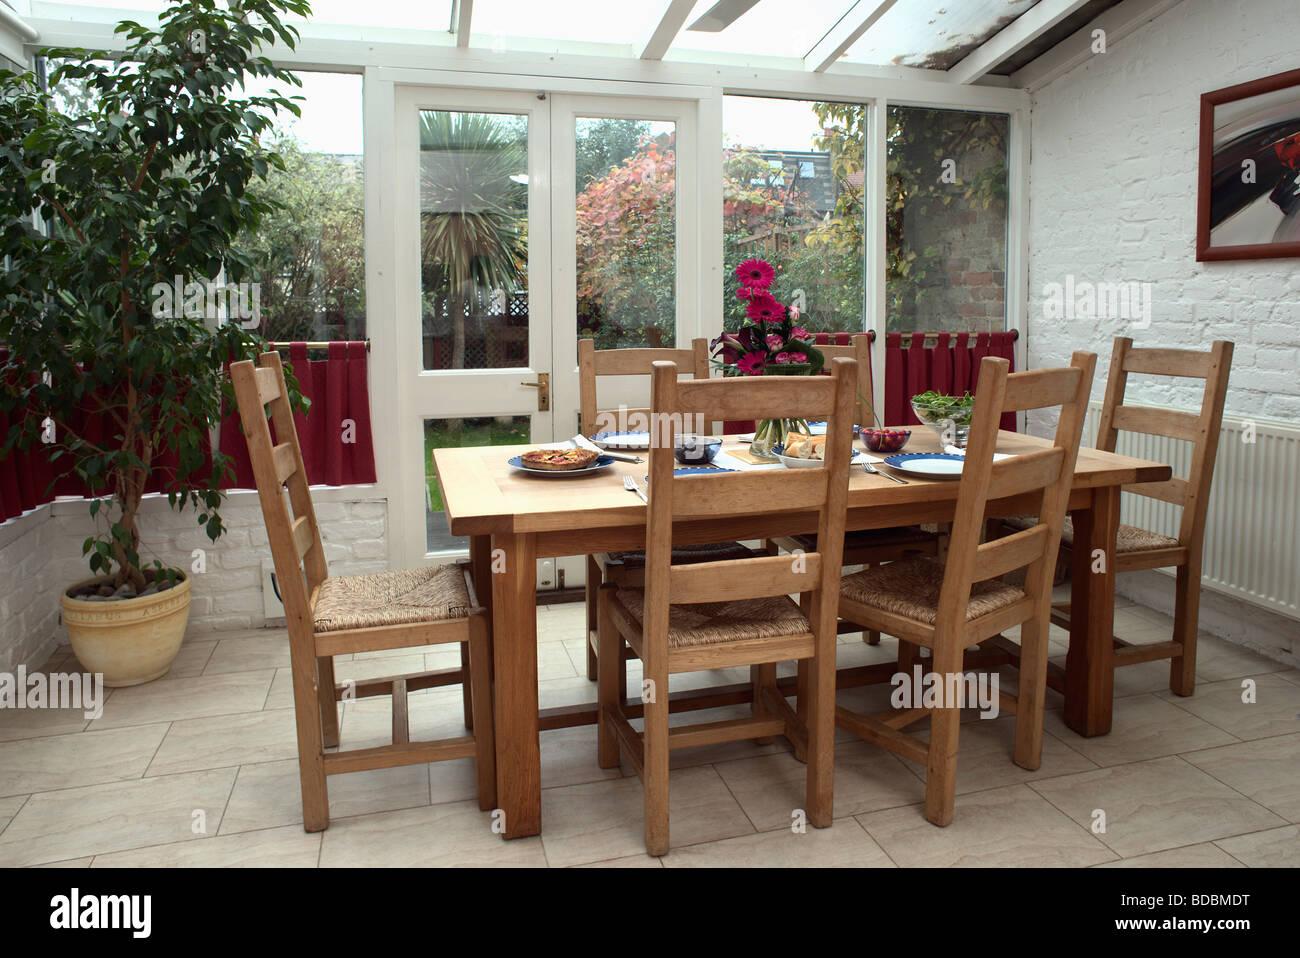 Sala Da Pranzo Veranda Of Tavolo In Legno E Il Lettore Rush Seduto Sedie In Veranda